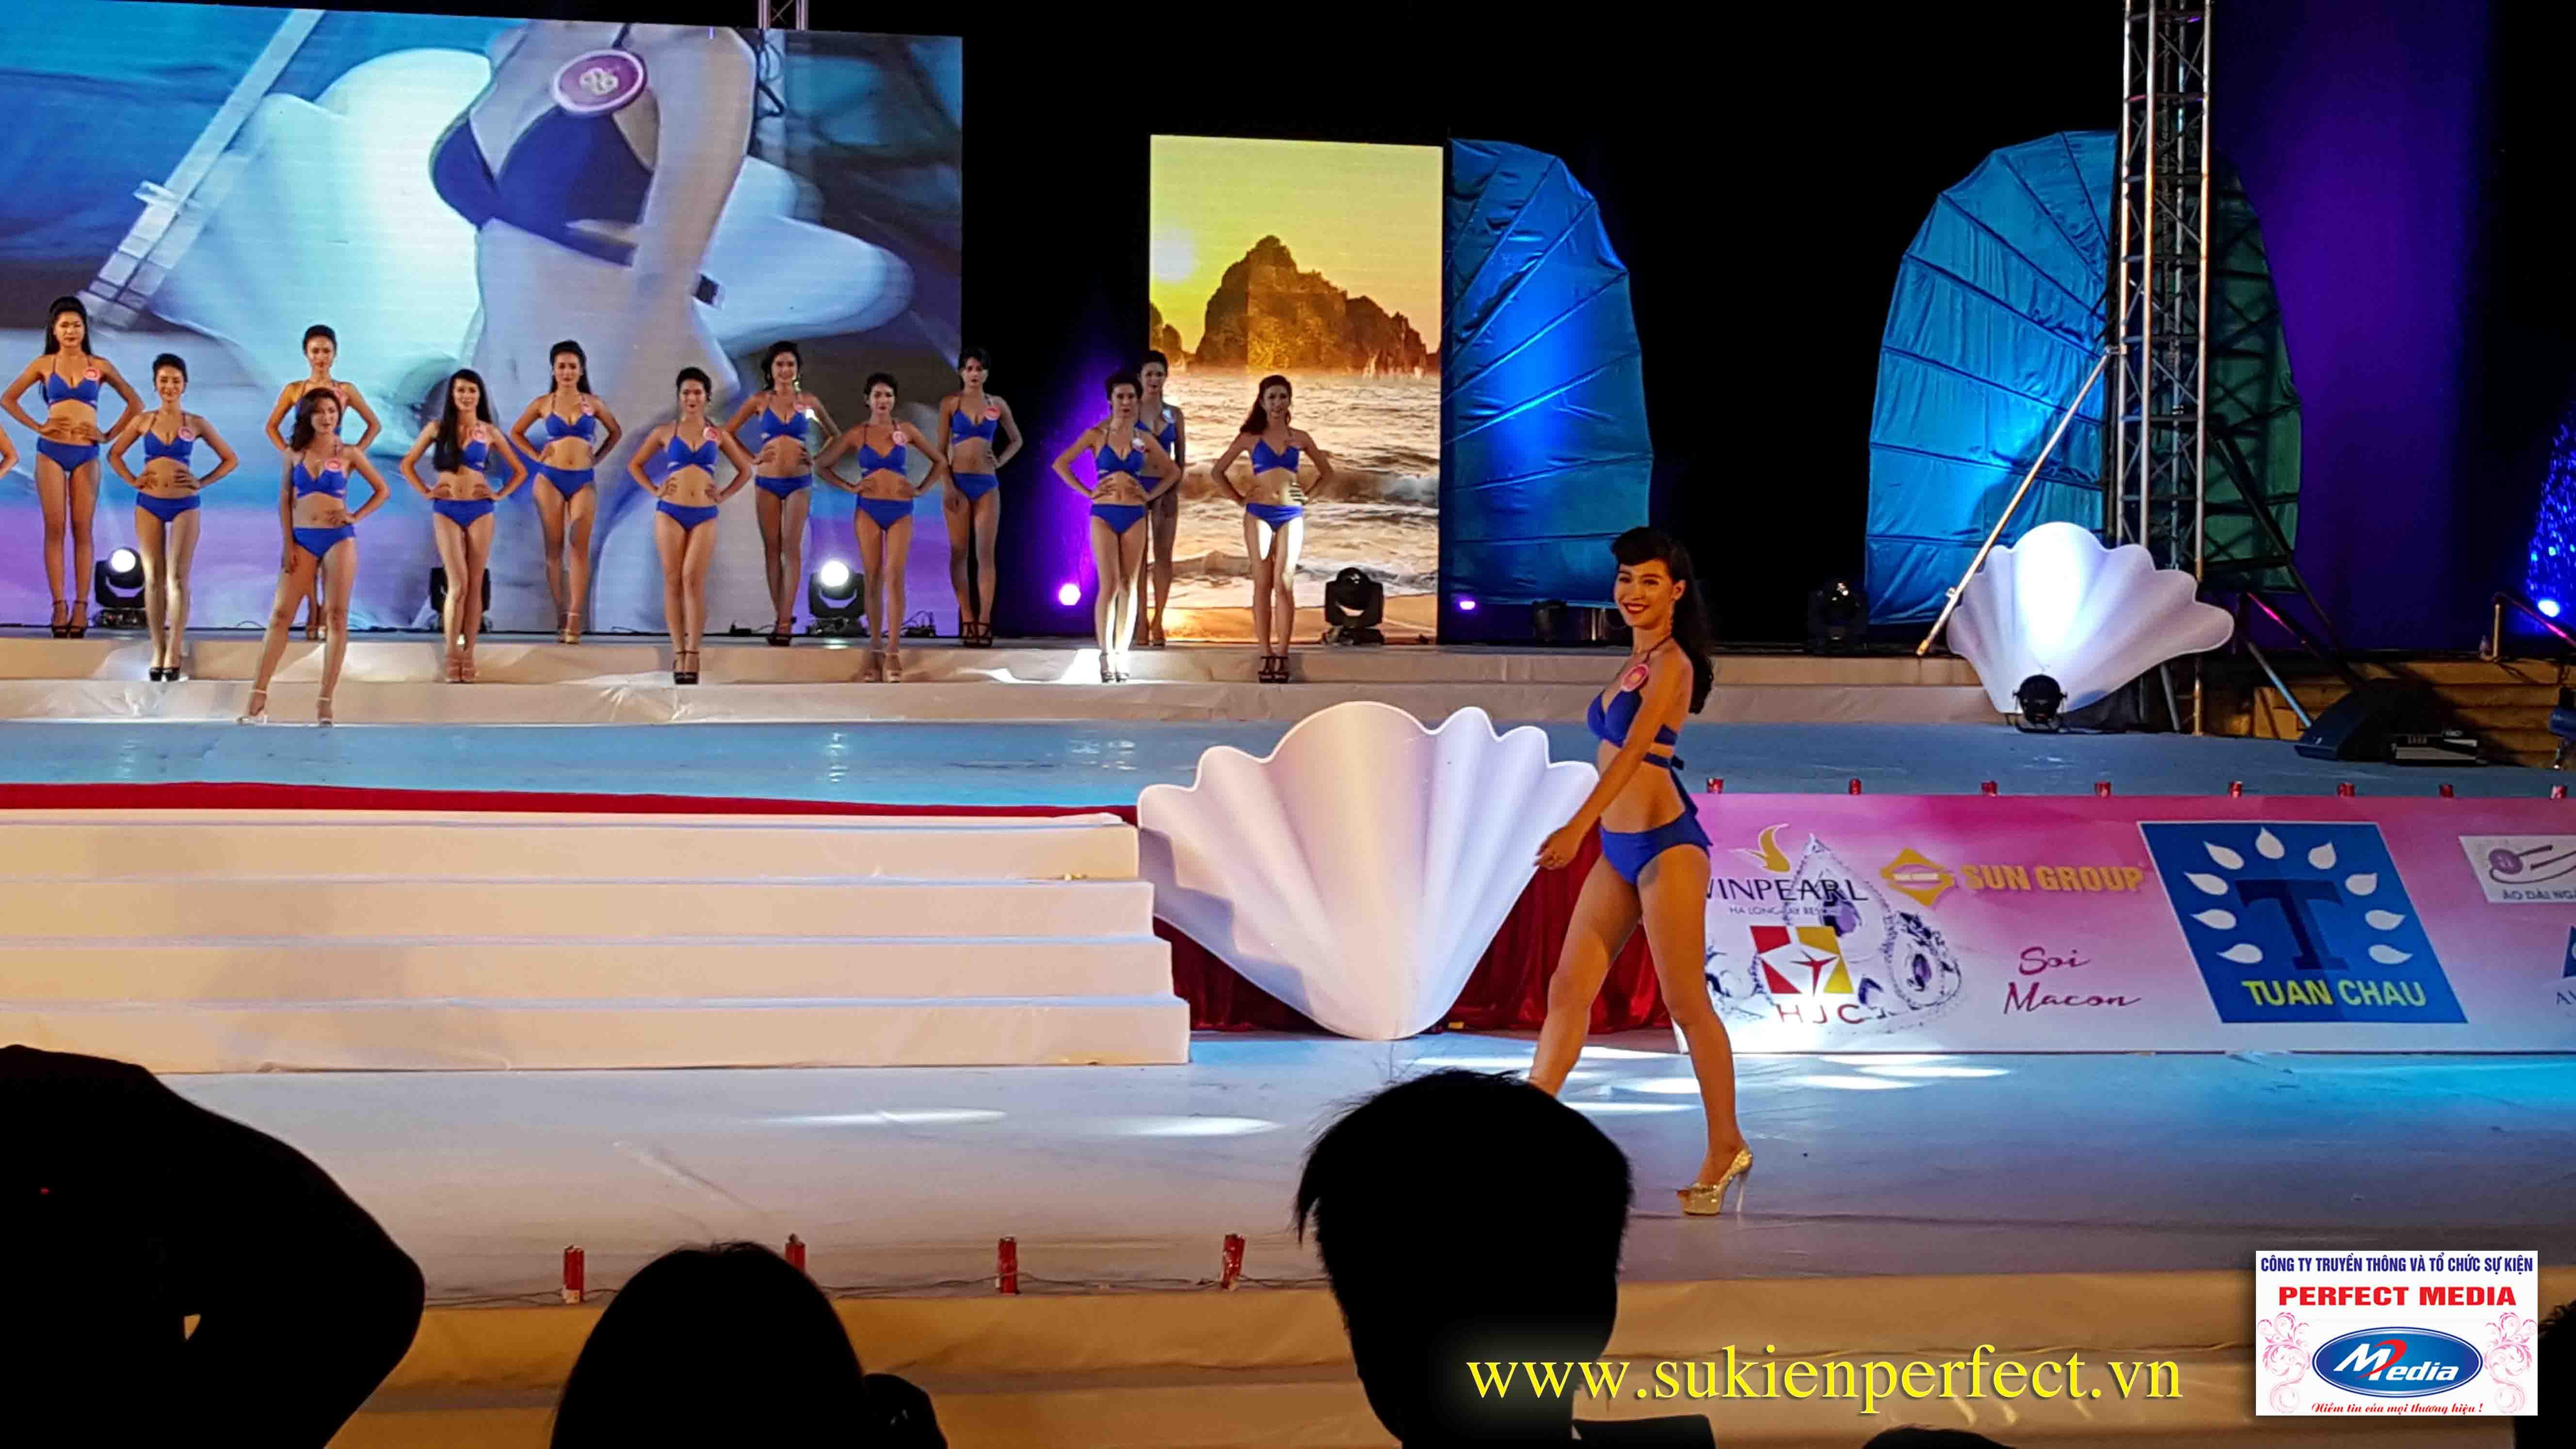 Hình ảnh các người đẹp trong chương trình Người đẹp Hạ Long 2016 – Bikini 11